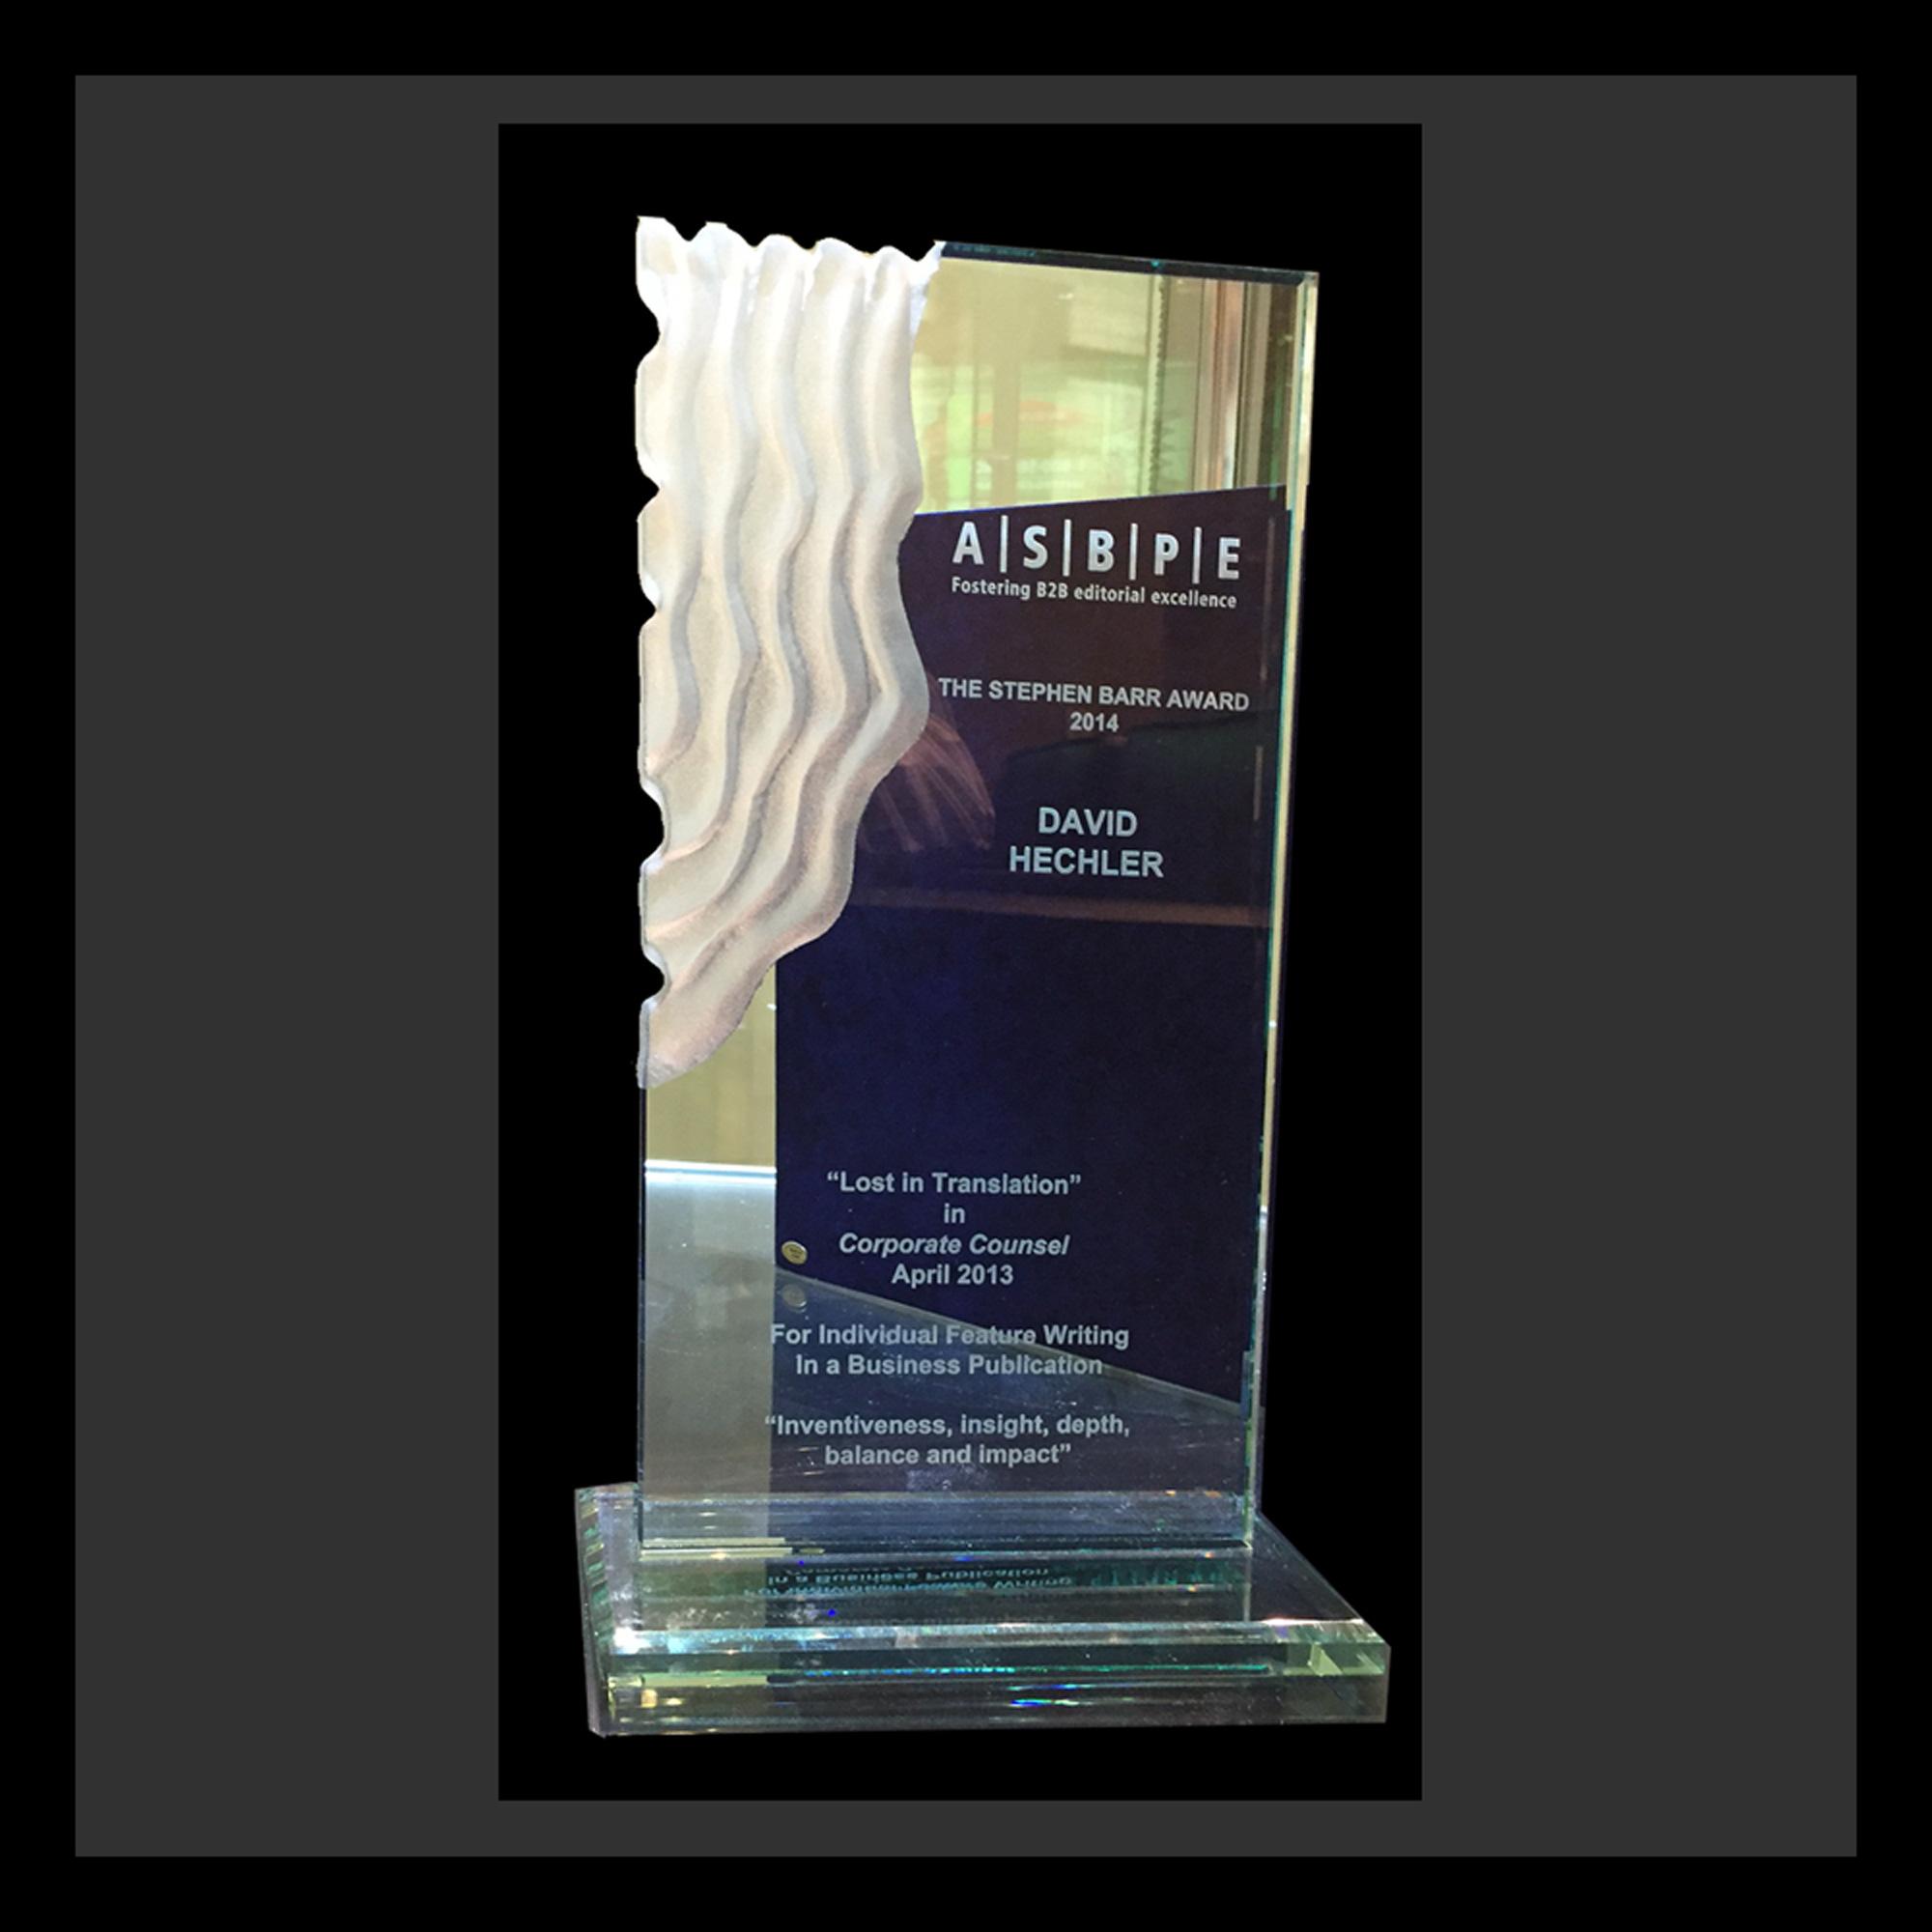 ASBPE Stephen Barr Award 2014